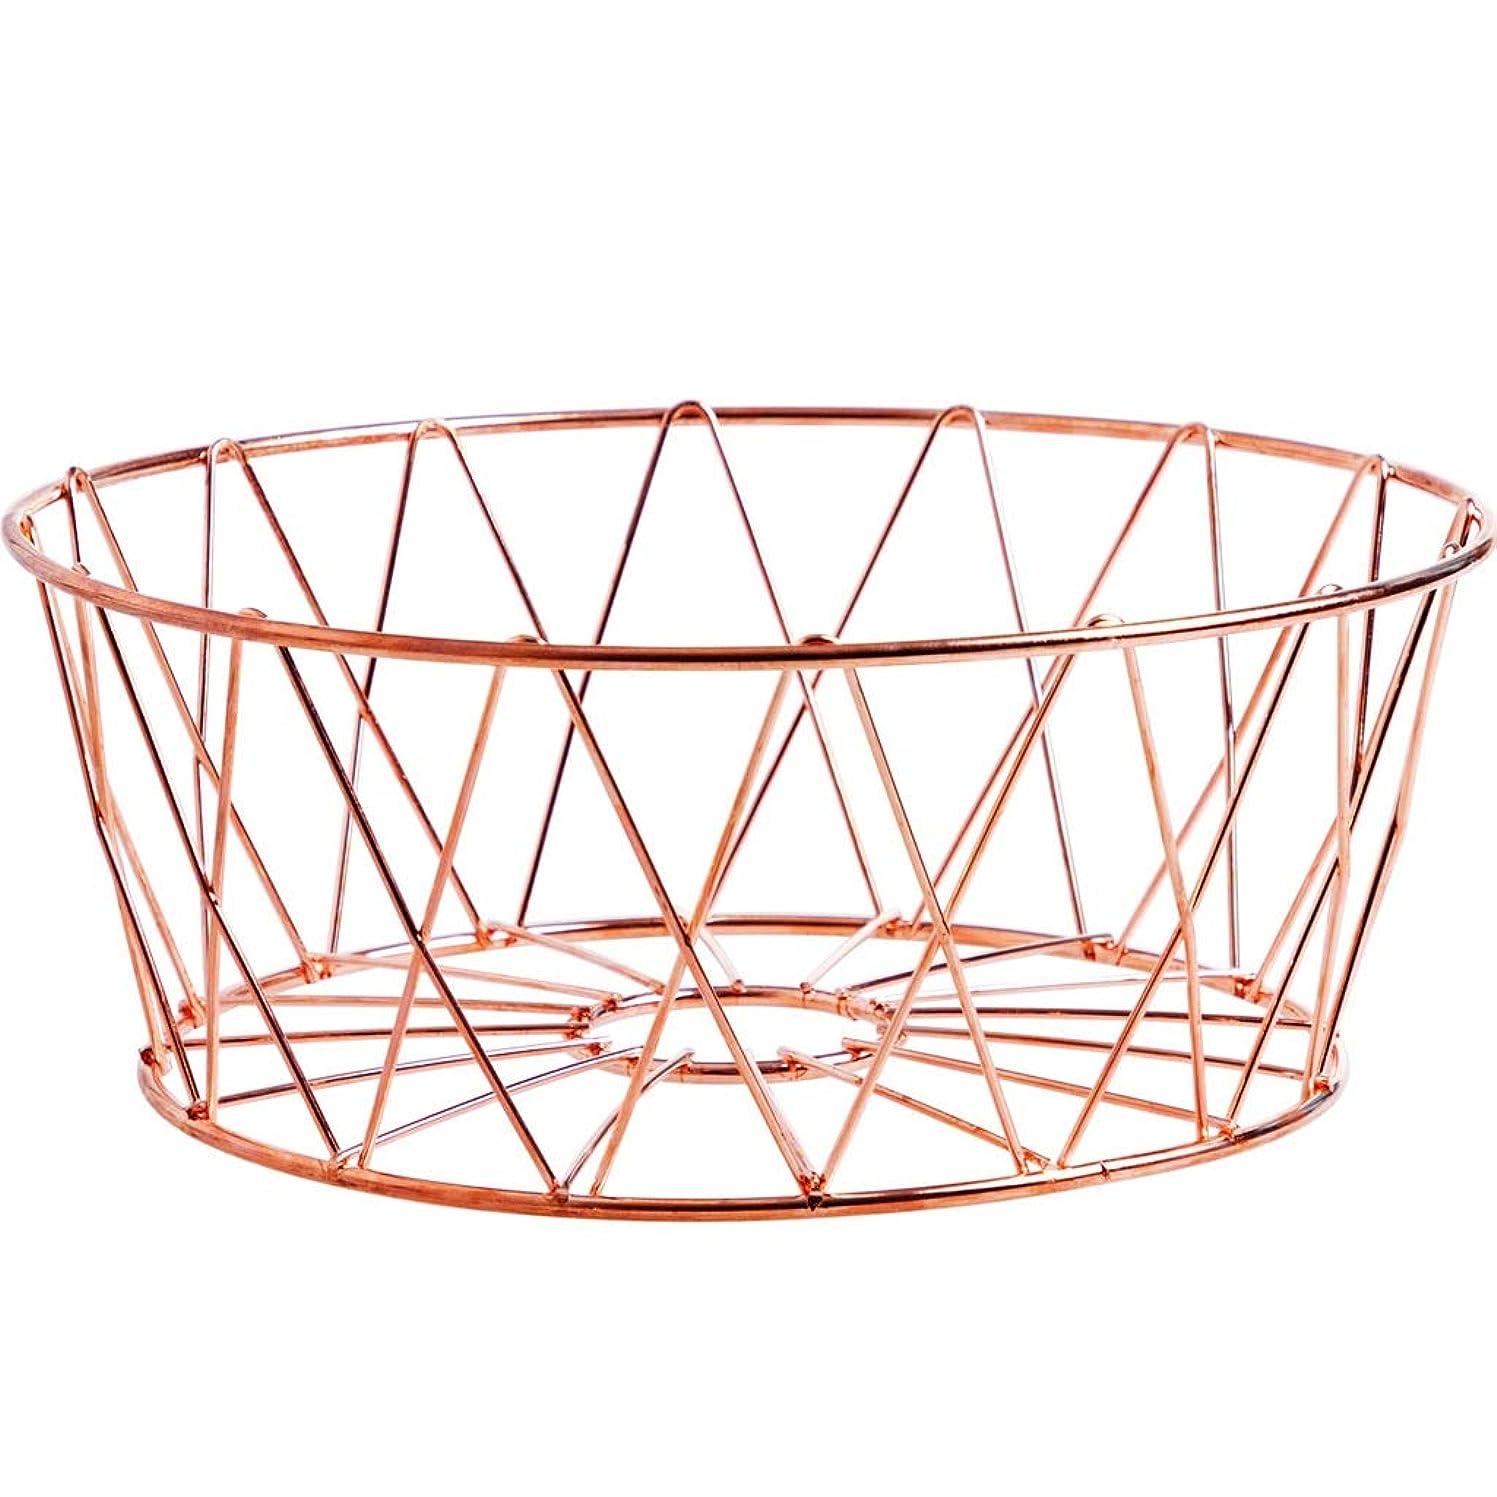 いまそれるかみそりフルーツバスケットクリエイティブリビングルームホームフルーツプレート、ローズゴールド QYSZYG